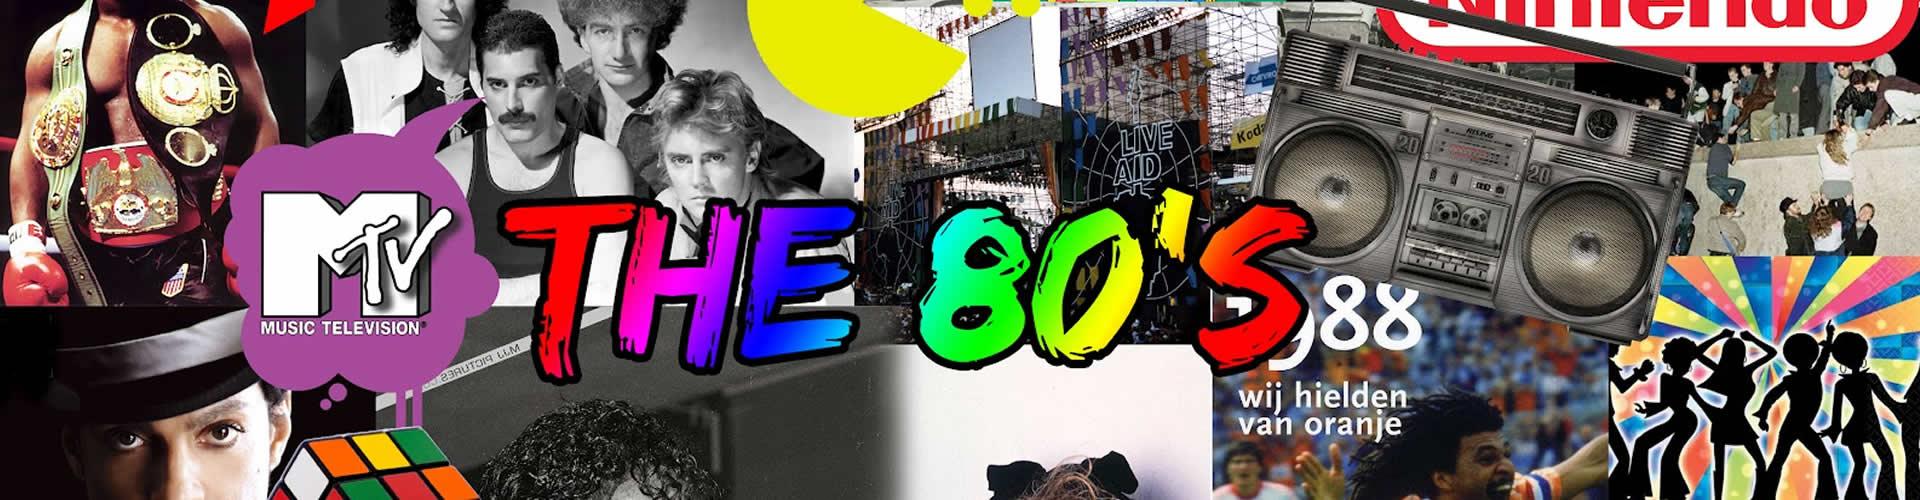 banner_typisch80_1920x500.jpg